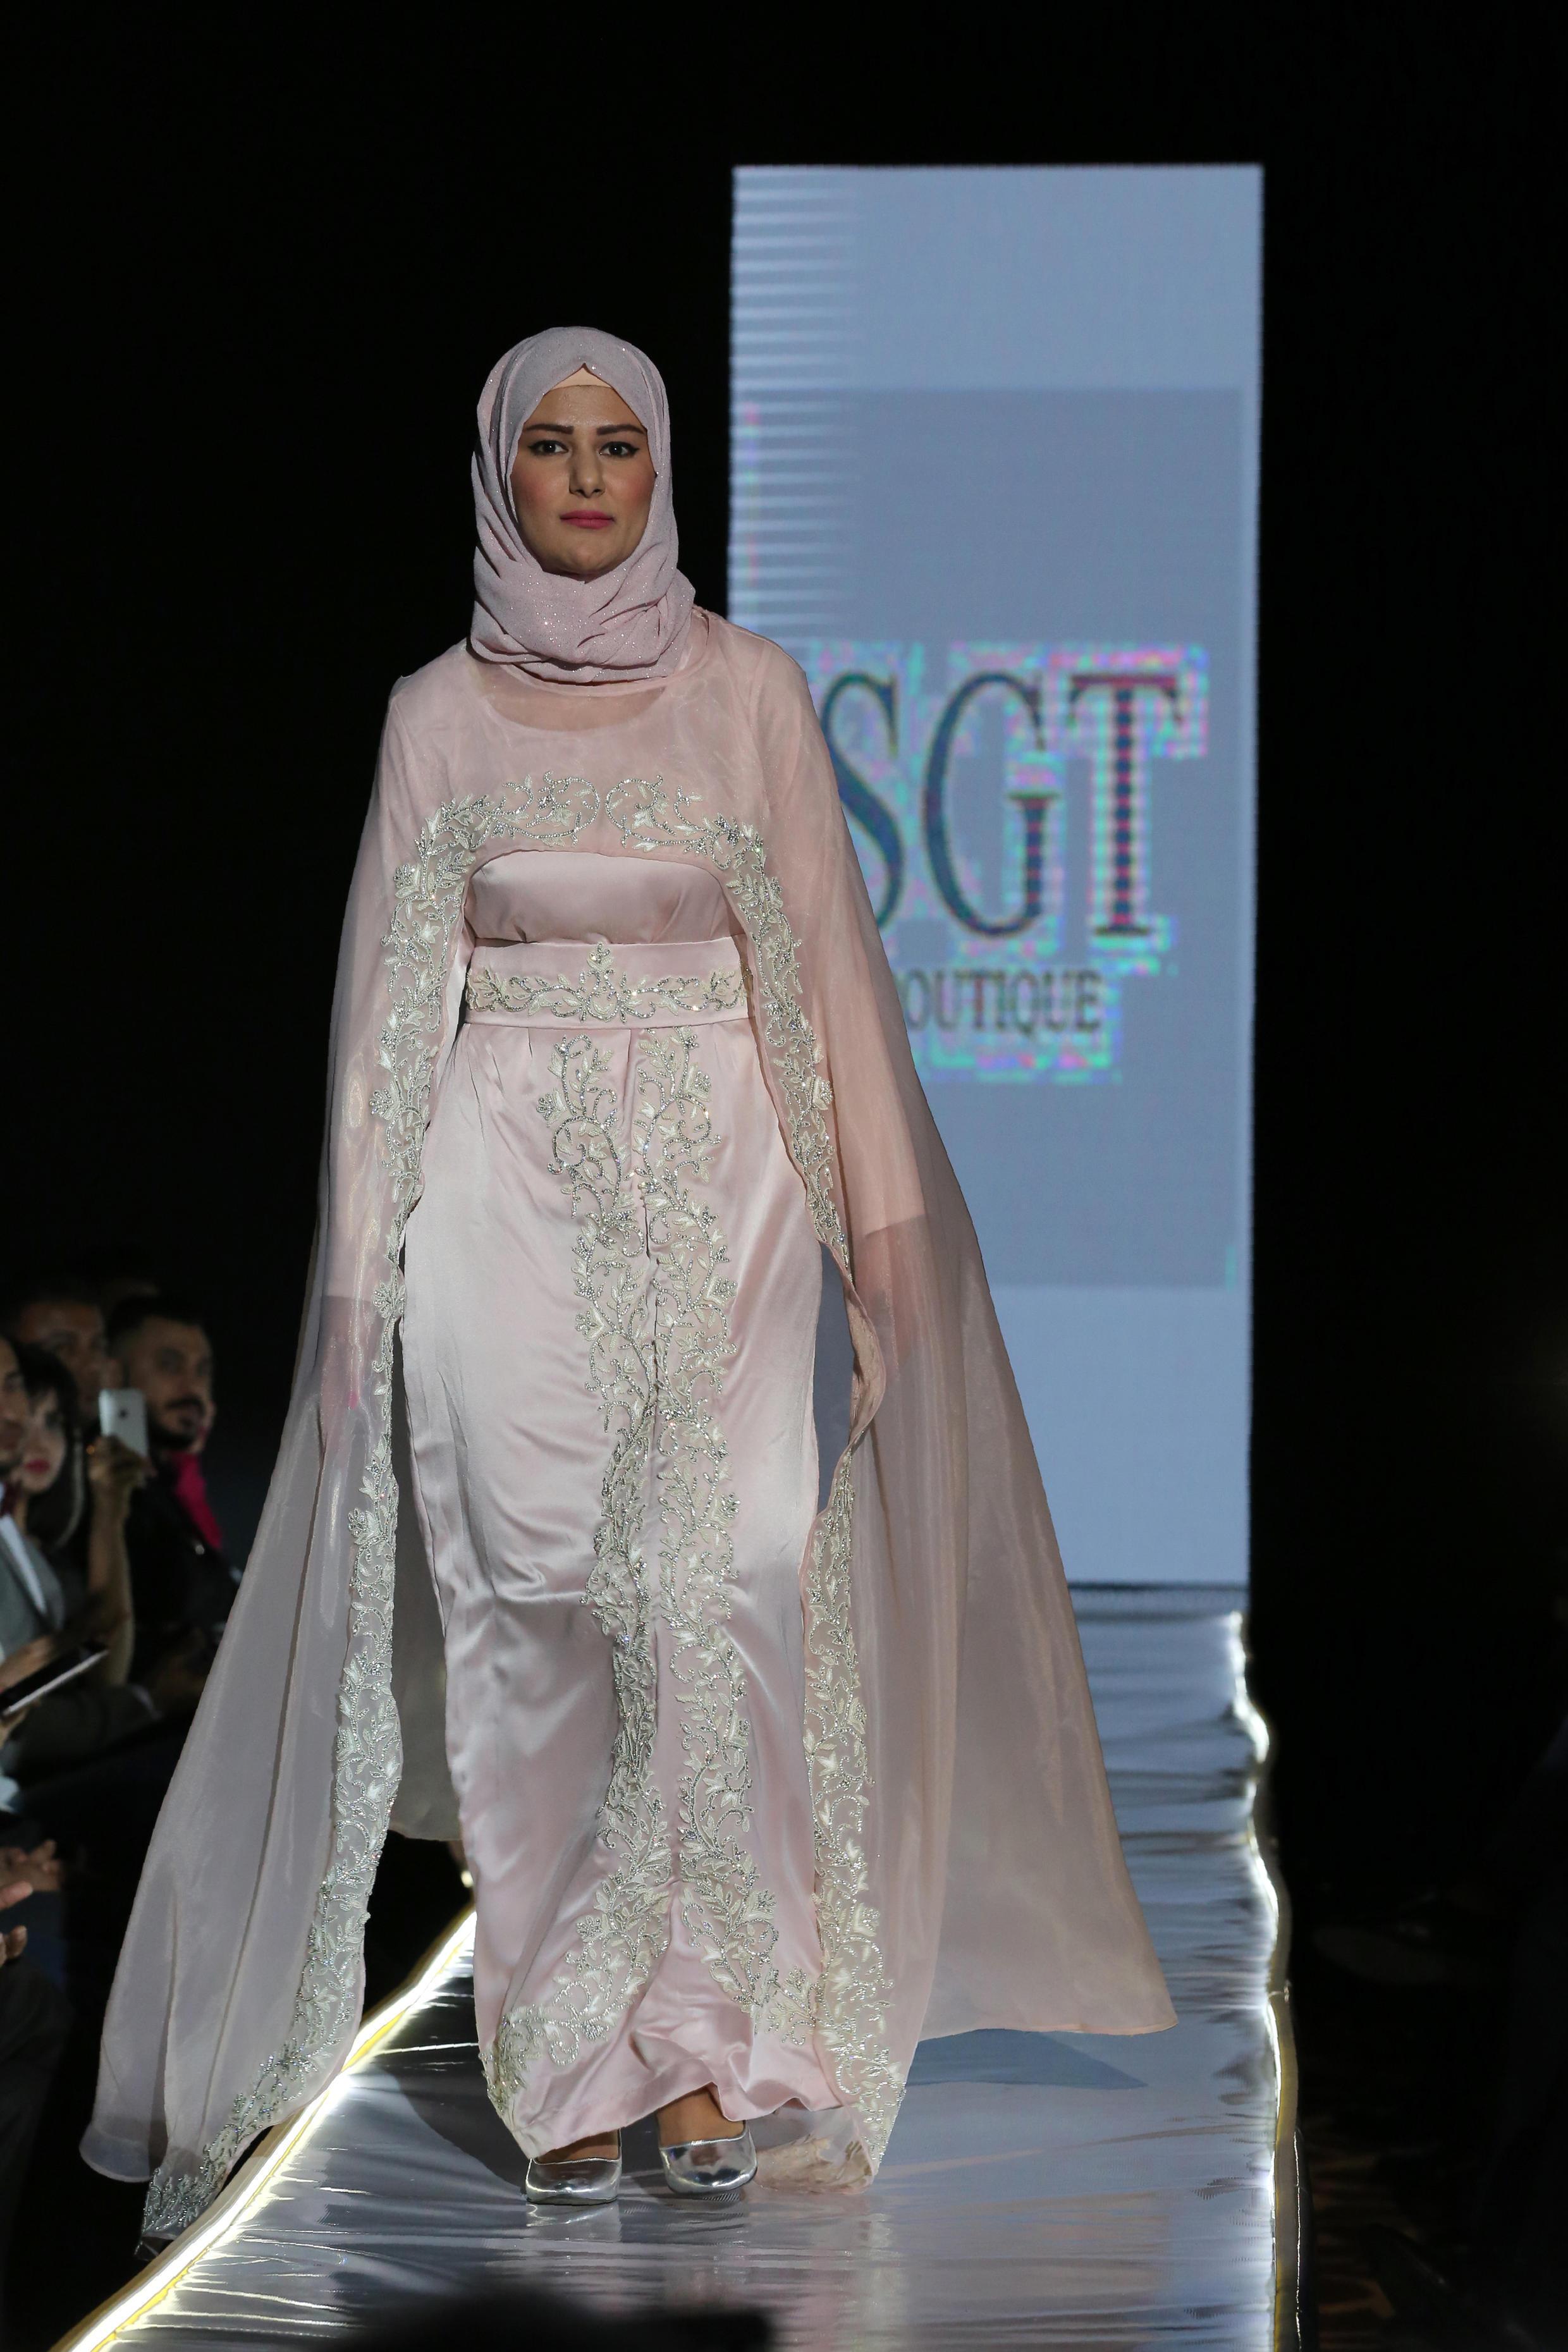 Desfile de roupas islâmicas, uma escolha que provoca polêmica na Europa.